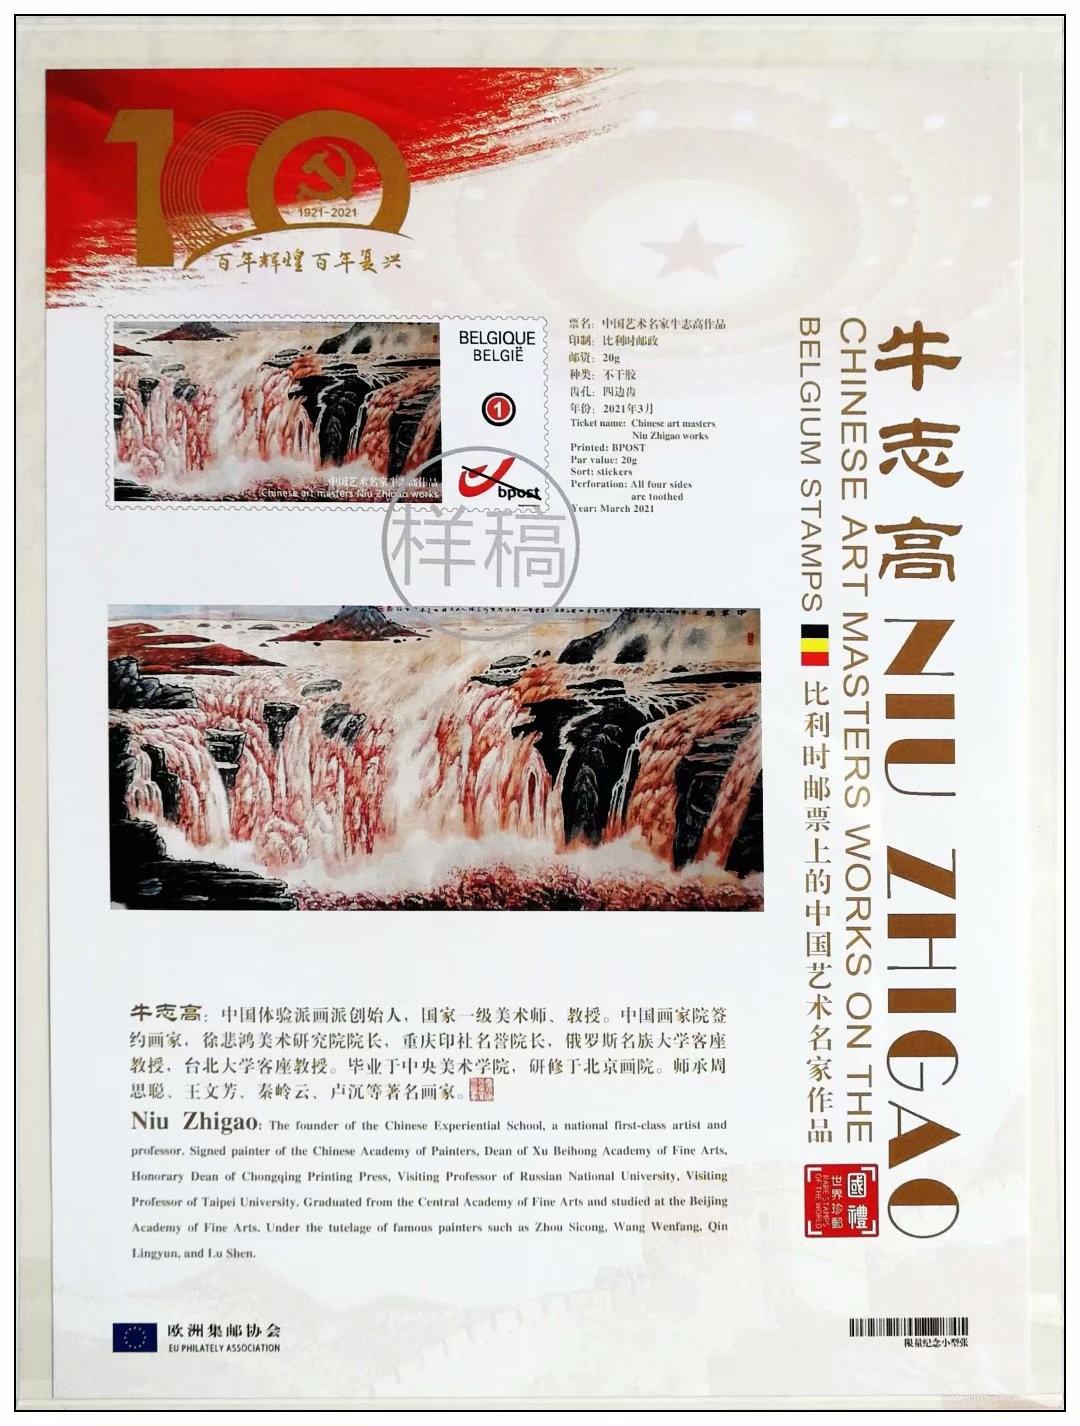 庆祝中国共产党成立100周年---牛志高书画集邮册面世2021.03.15_图1-20